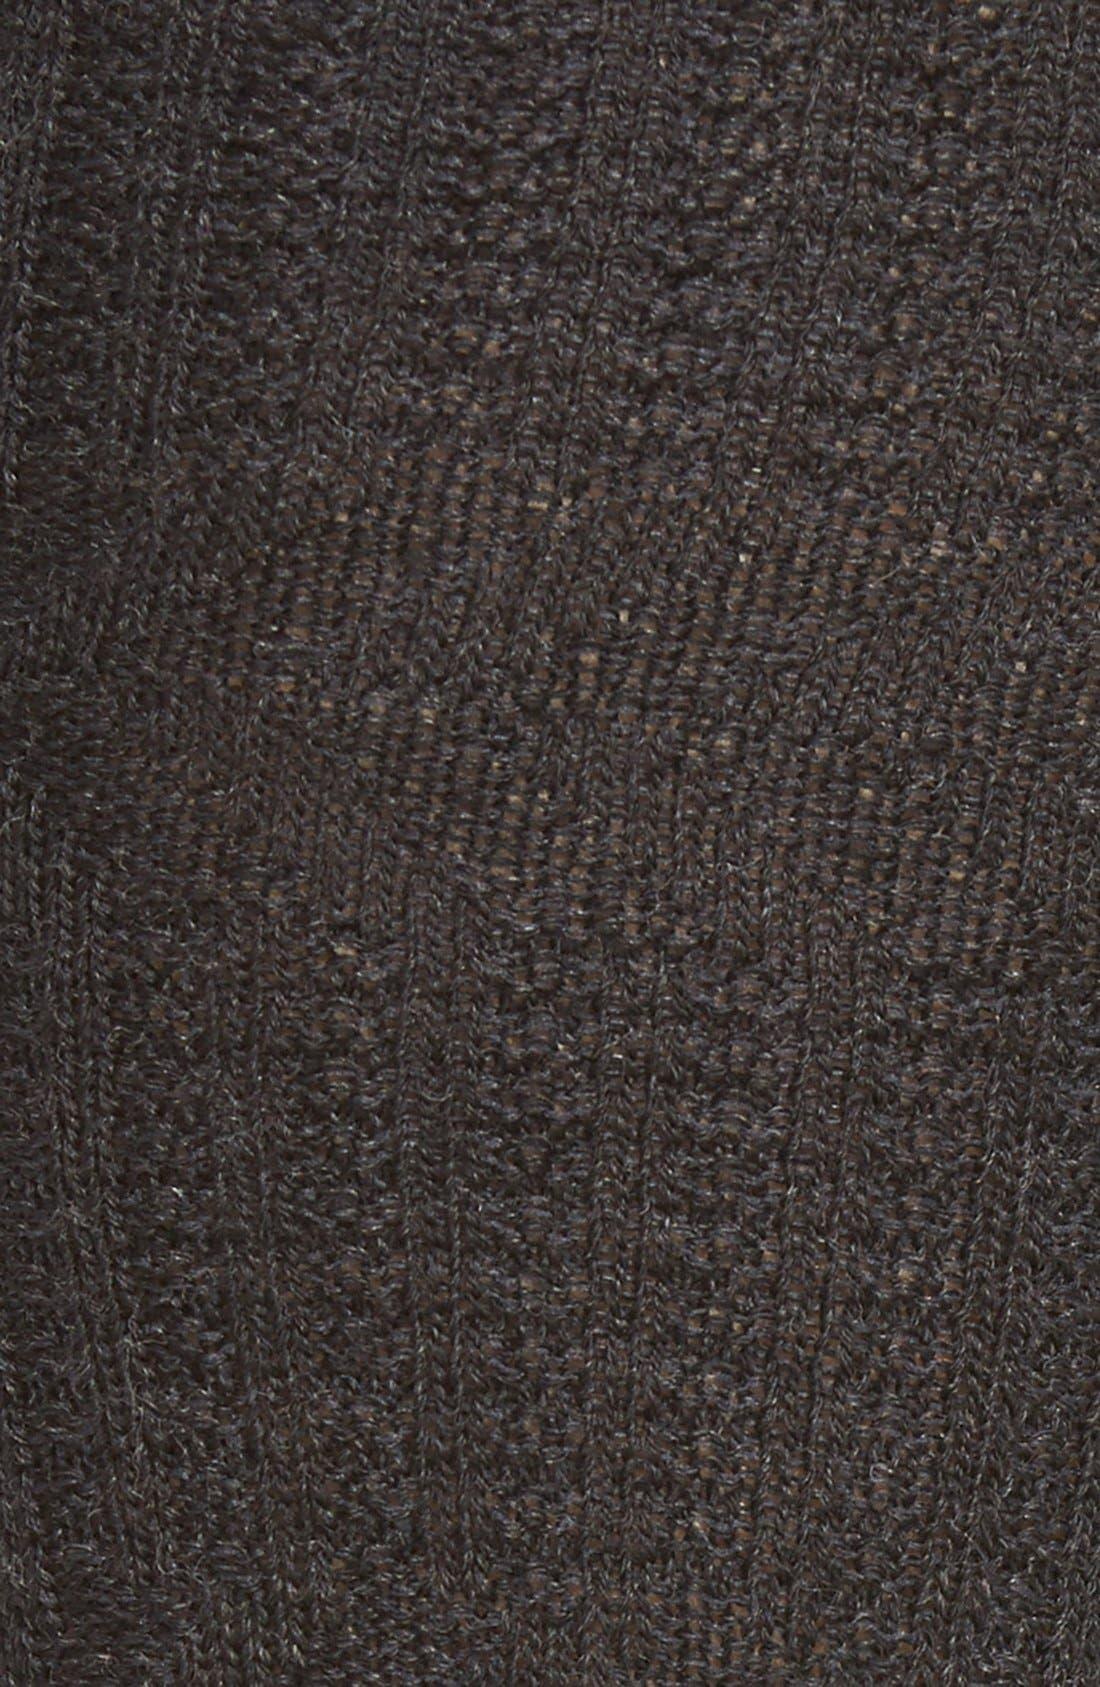 'Wheat Fields' Merino Wool Blend Socks,                             Alternate thumbnail 2, color,                             030